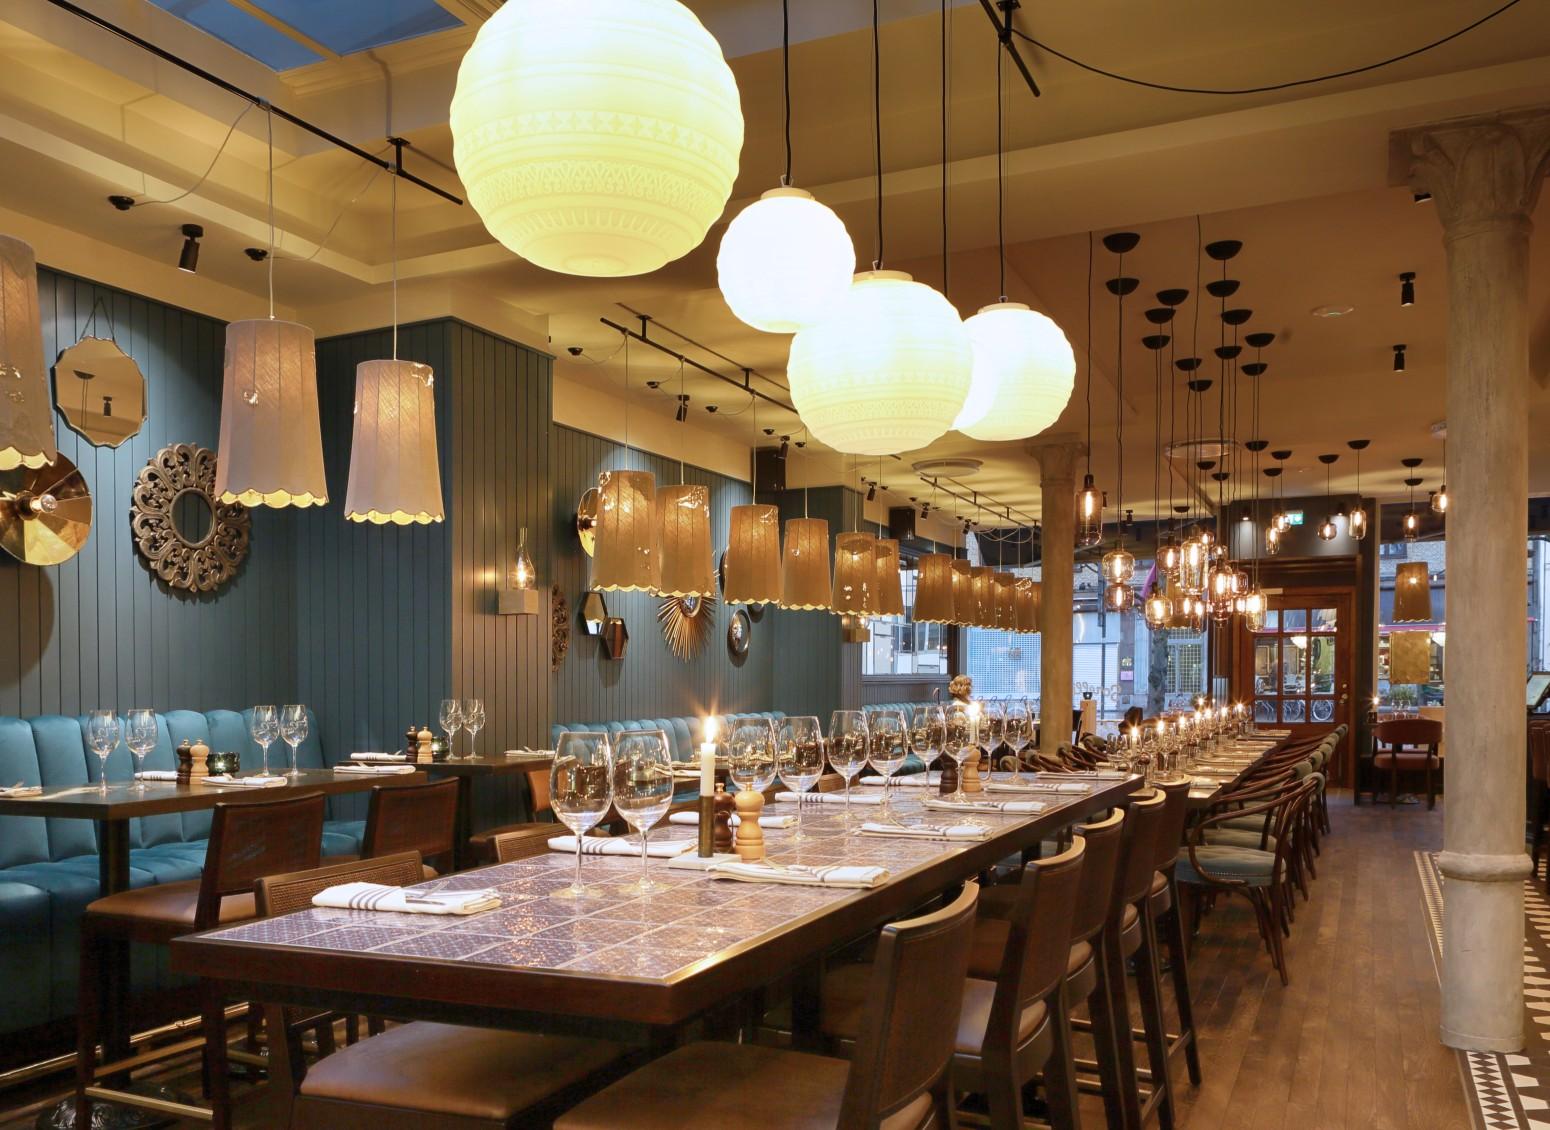 Illuminazione Tavoli Ristorante : Illuminazione decorativa per ristoranti step fondamentali da